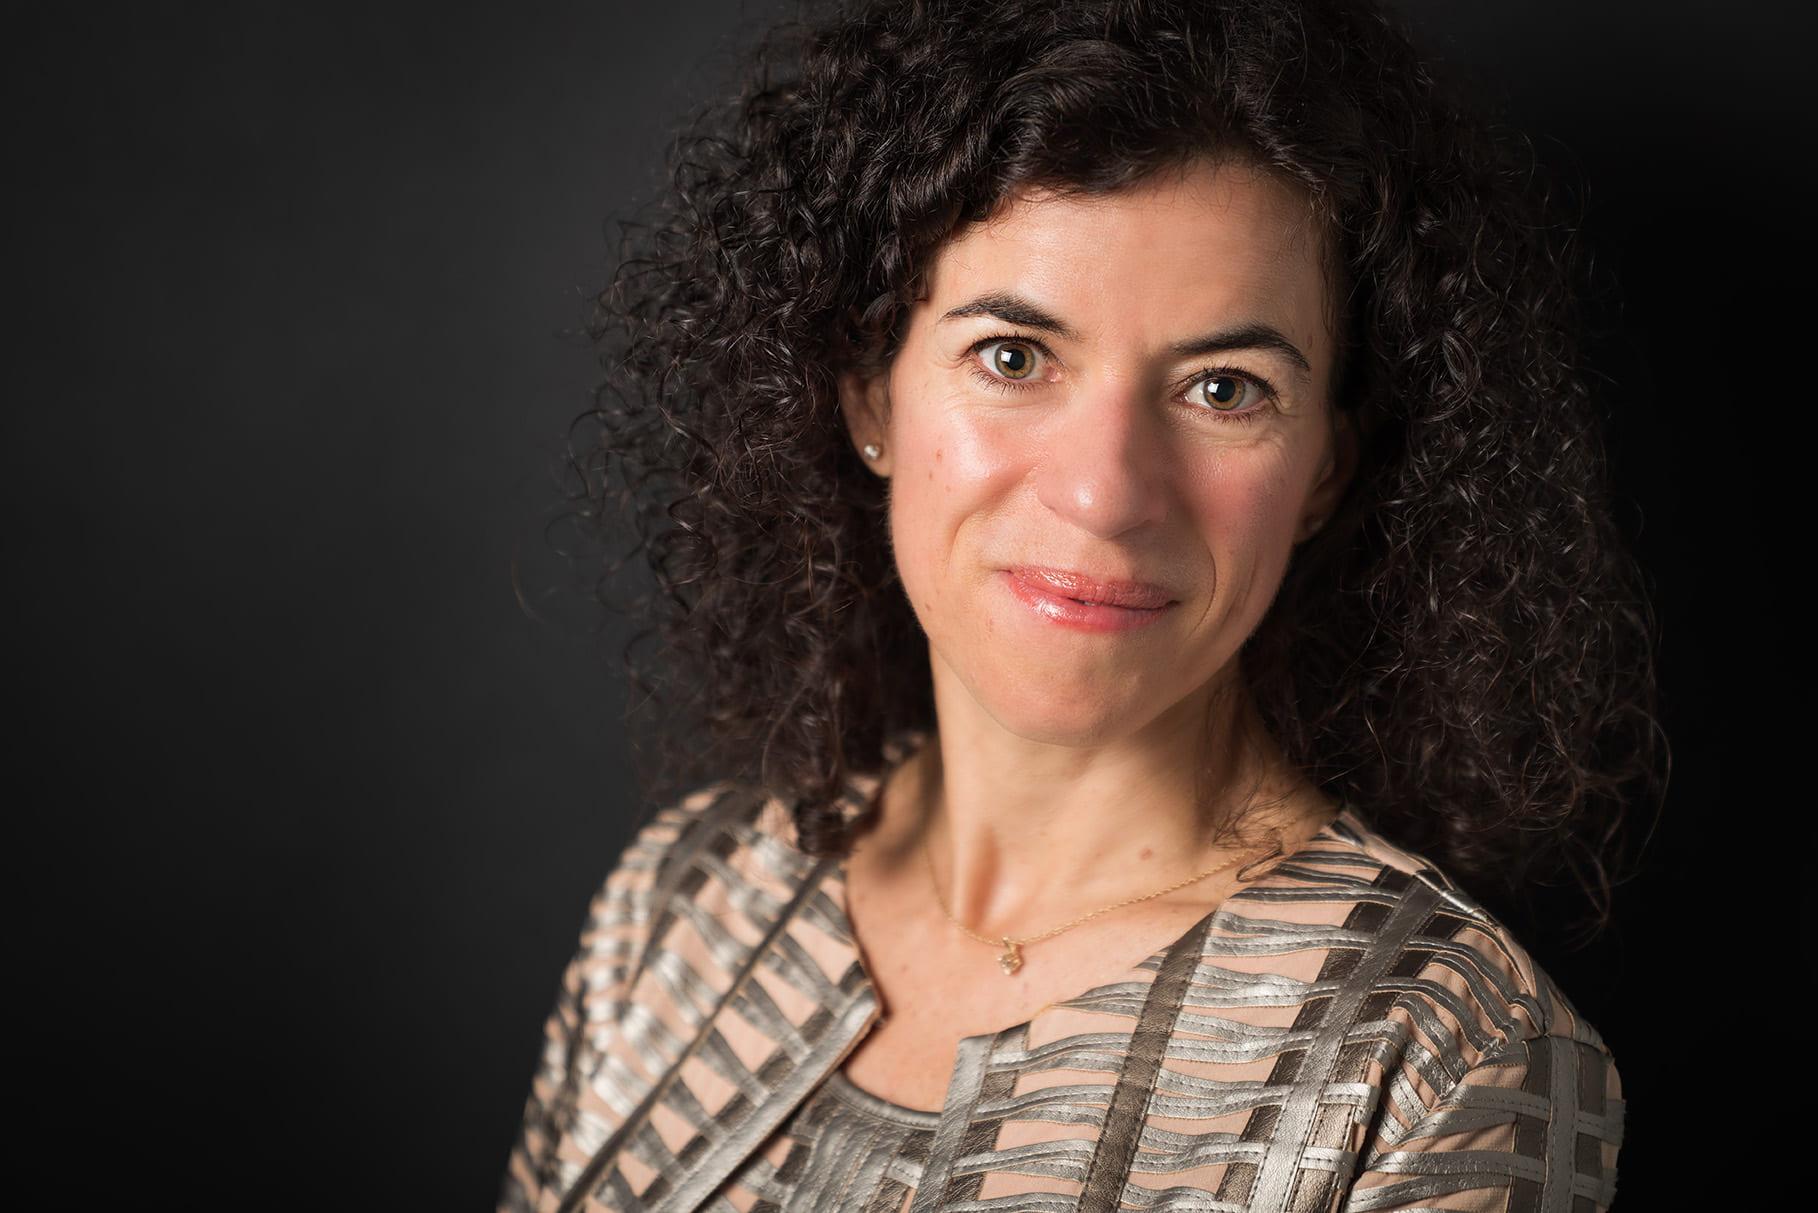 Rosa Villalobos